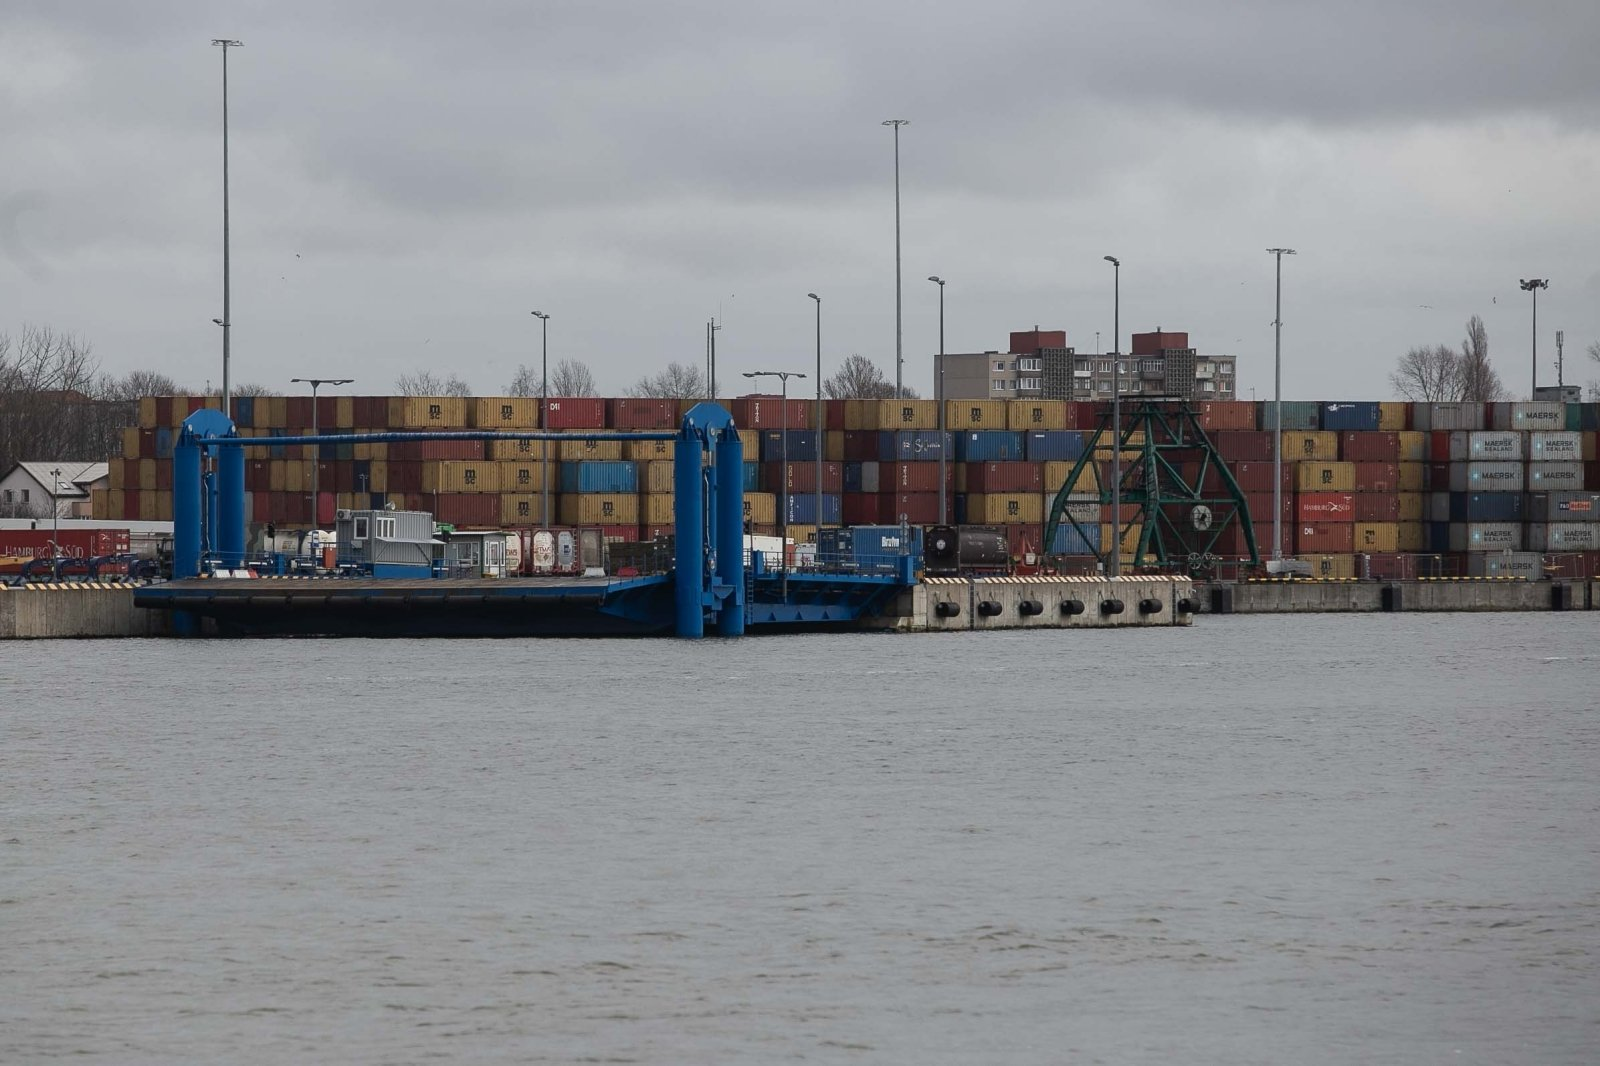 Грузооборот порта Хельсинки в I квартале 2020 года упал на 6,4%